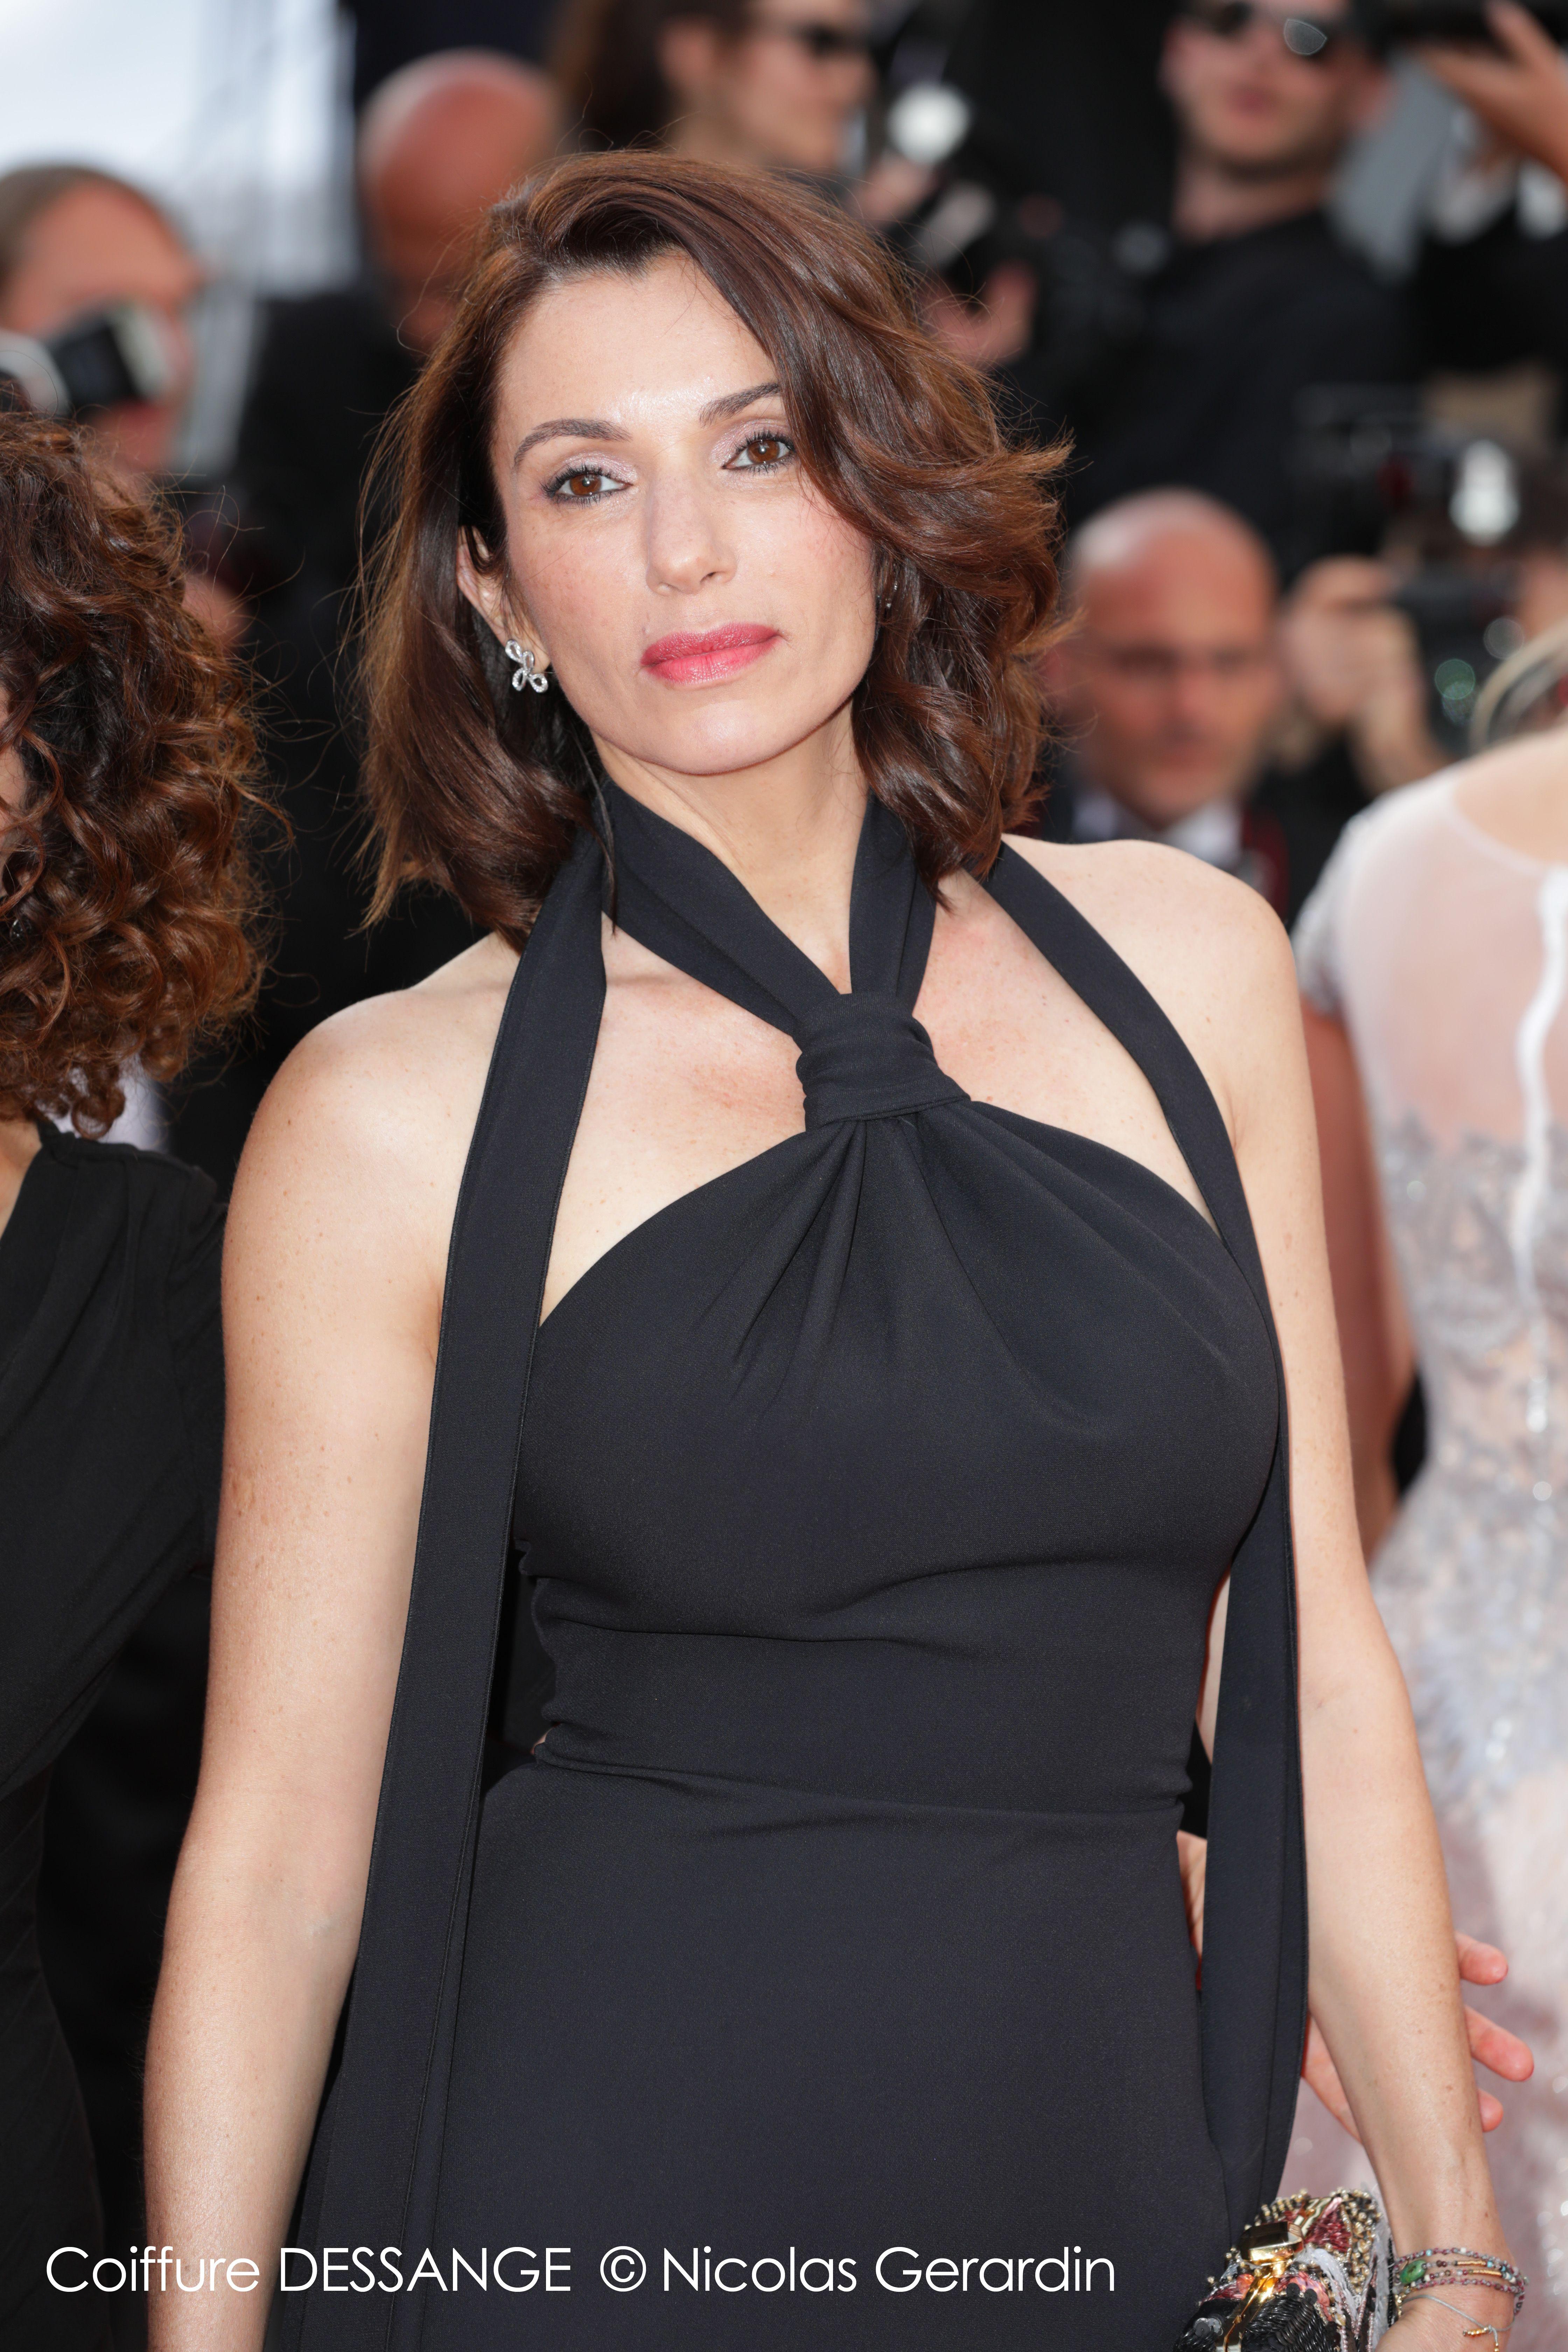 c3c309fd3cd Aure Atika  DESSANGE  Cannes2017  CoiffeurOfficiel